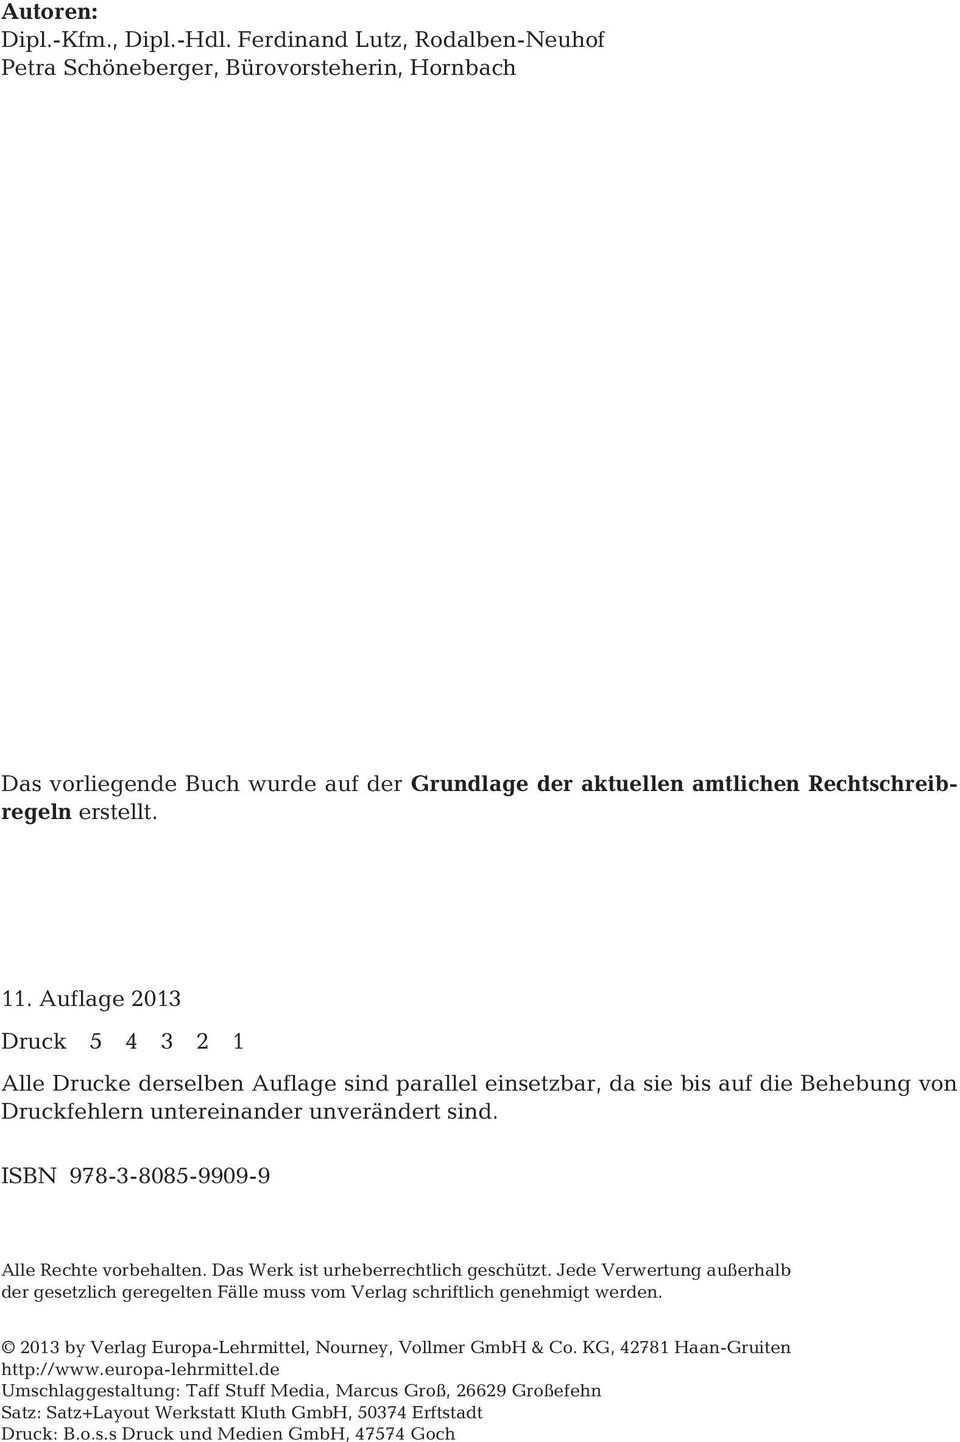 Fachkunde Fur Rechtsanwalts Und Notarfachangestellte Pdf Kostenfreier Download